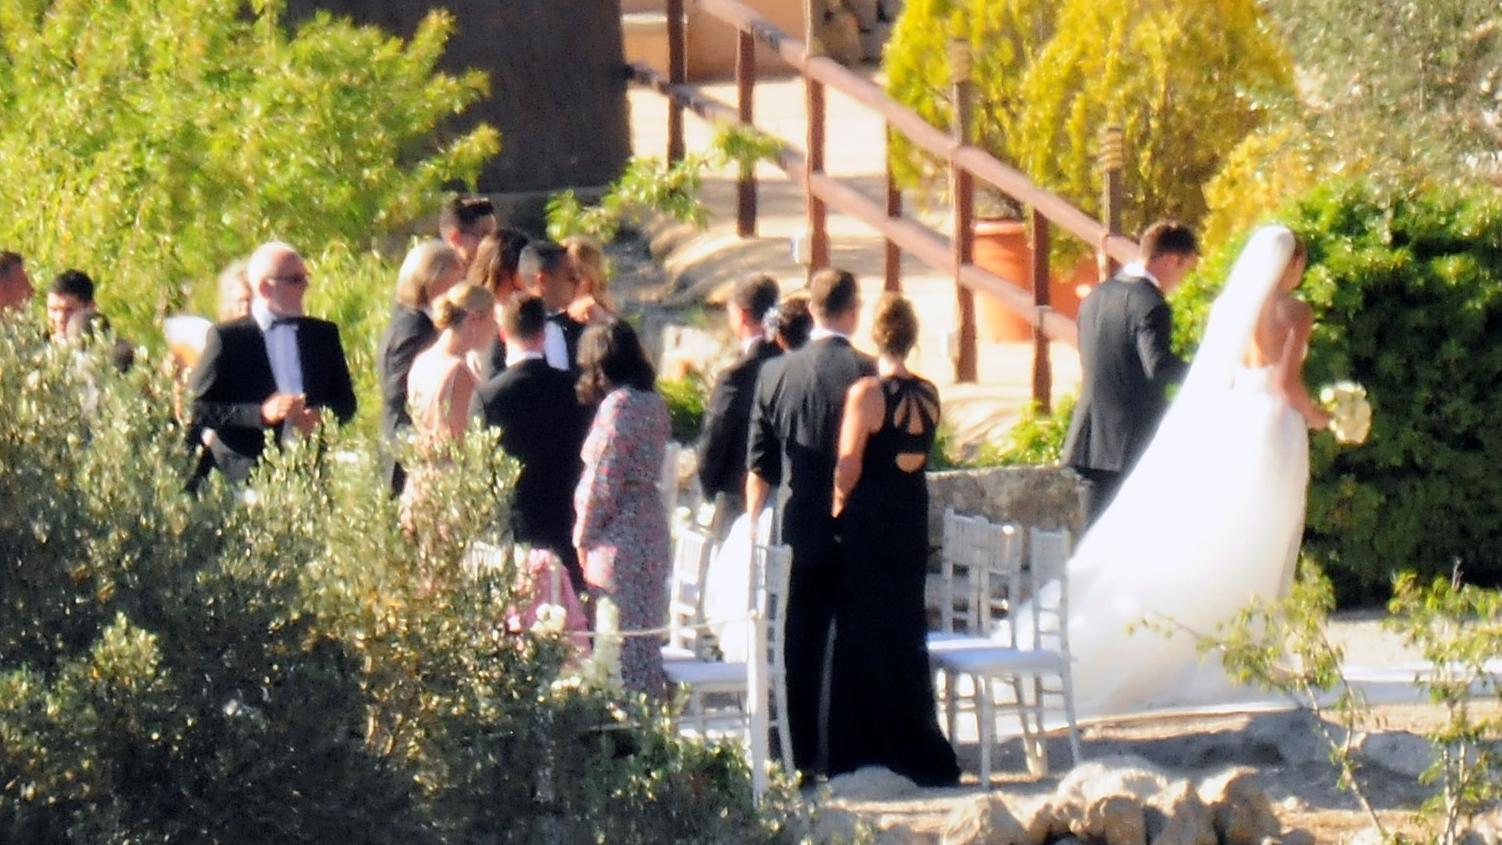 mario götze und seine ann-kathrin heiraten zum zweiten mal